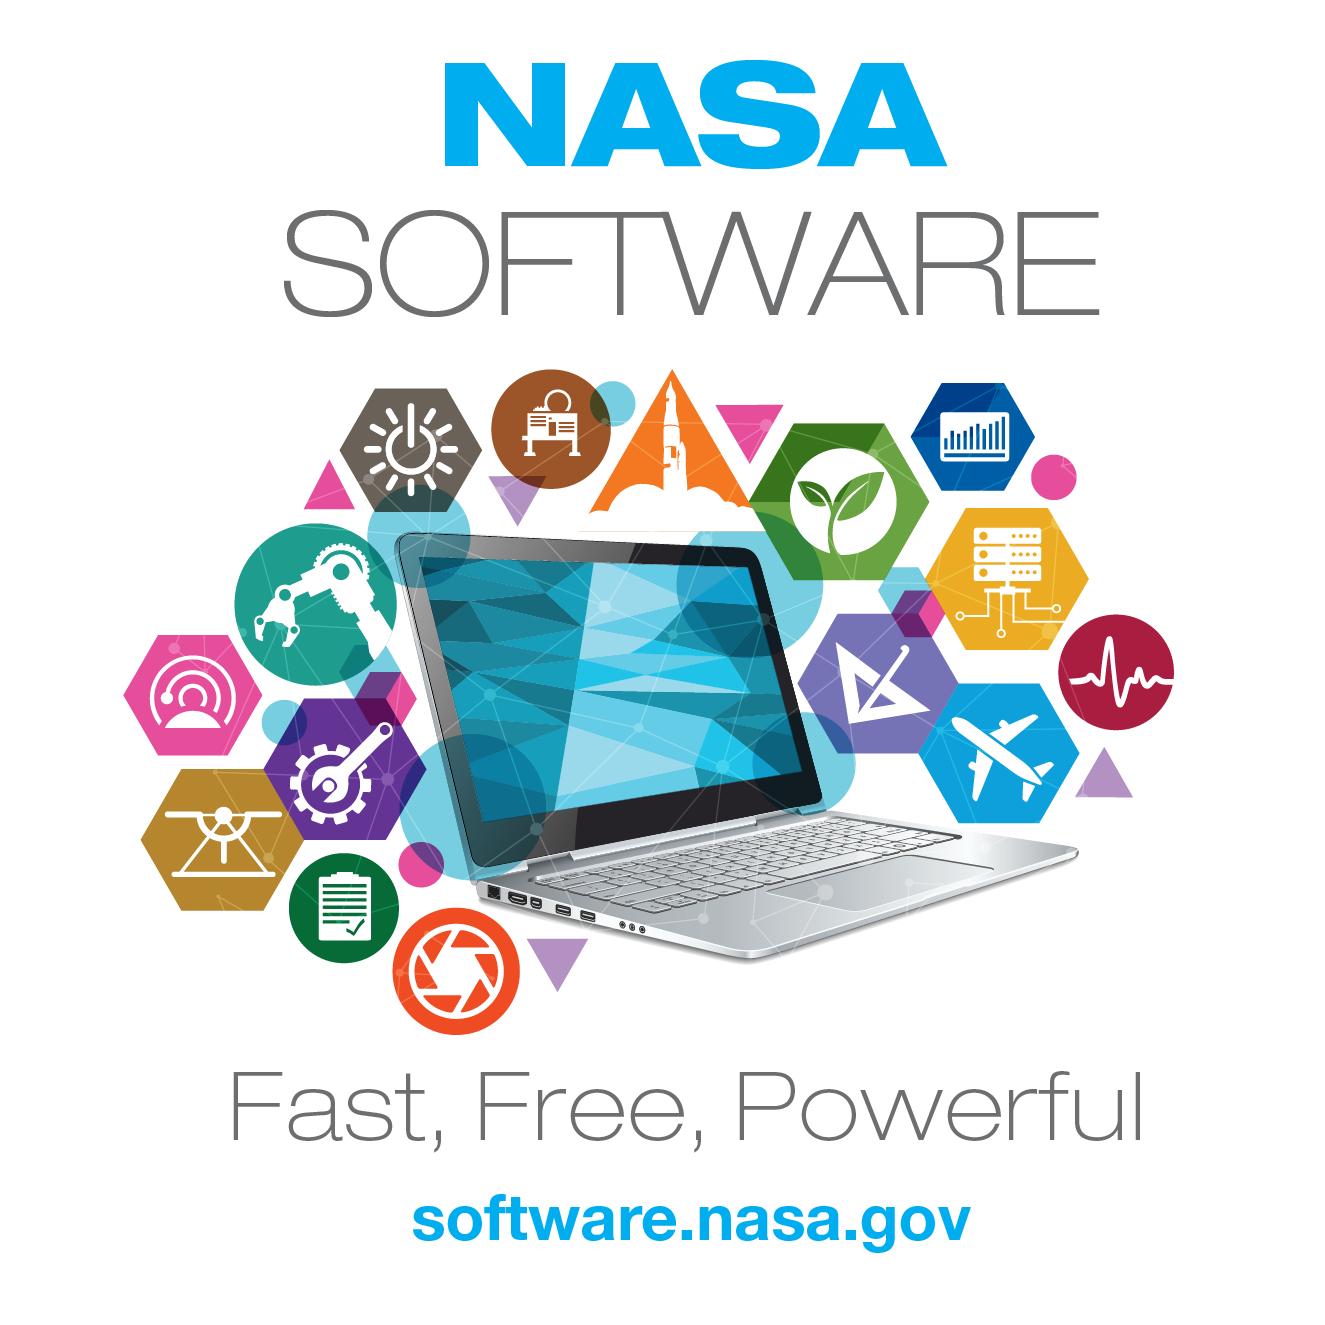 Bogaty zestaw oprogramowania NASA za darmo @online